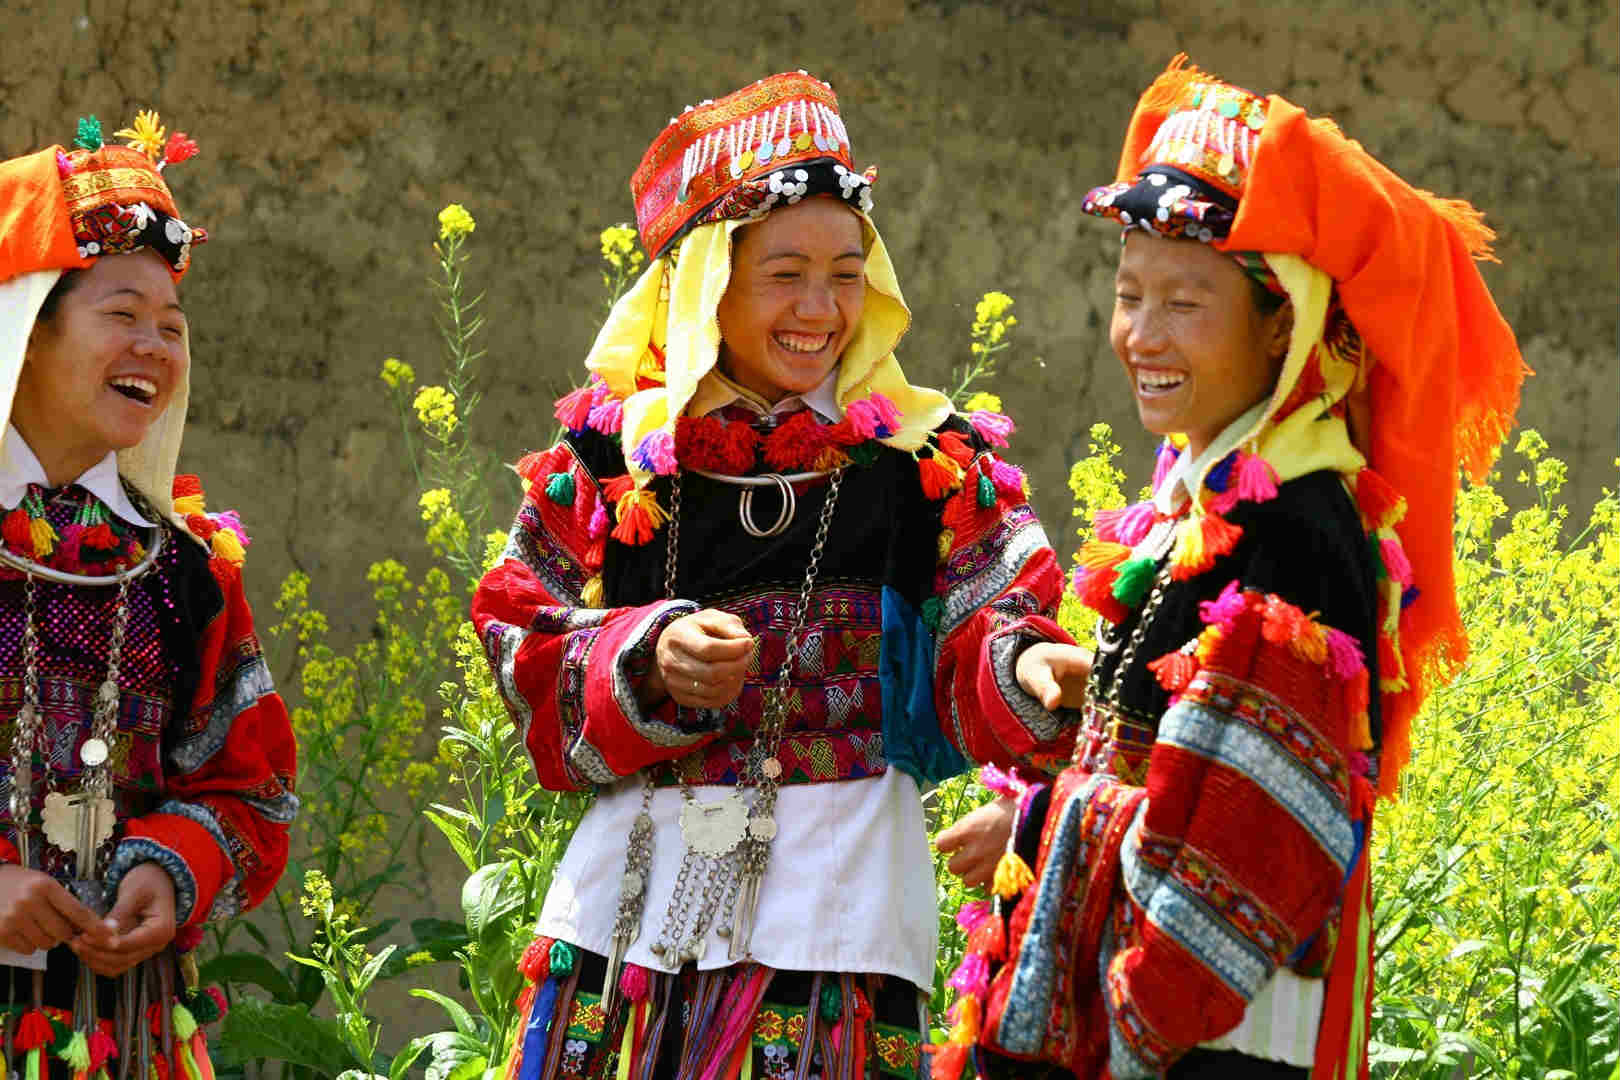 Những phong tục ngày tết bí ẩn của tộc người thiểu số Việt Nam - 1